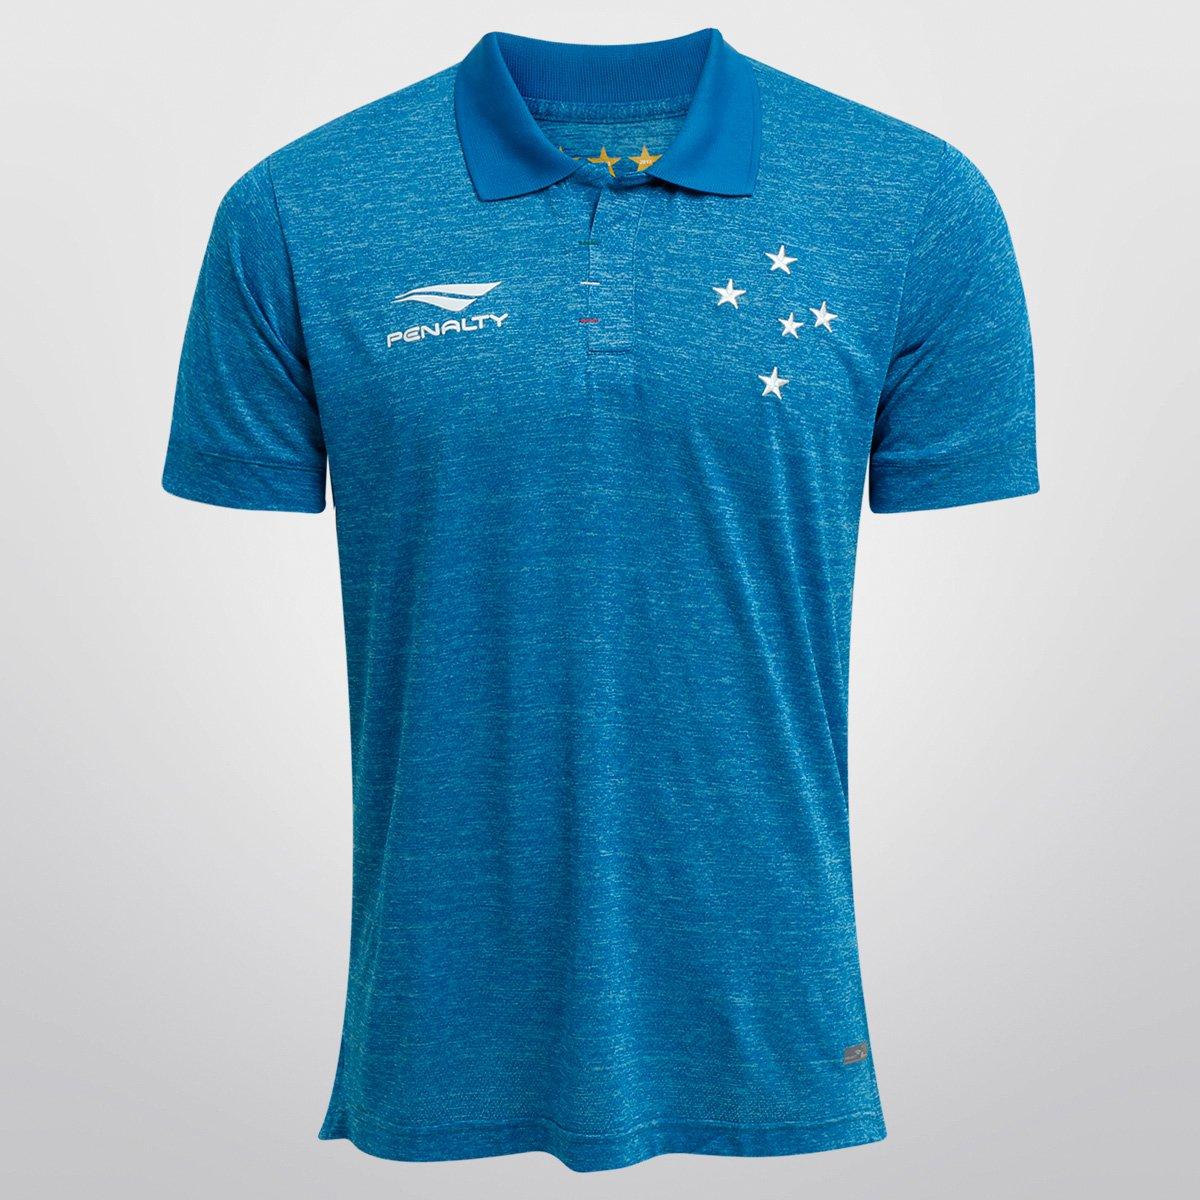 e418095616 Camisa Cruzeiro III 15 16 s nº Torcedor Penalty Masculina - Compre Agora